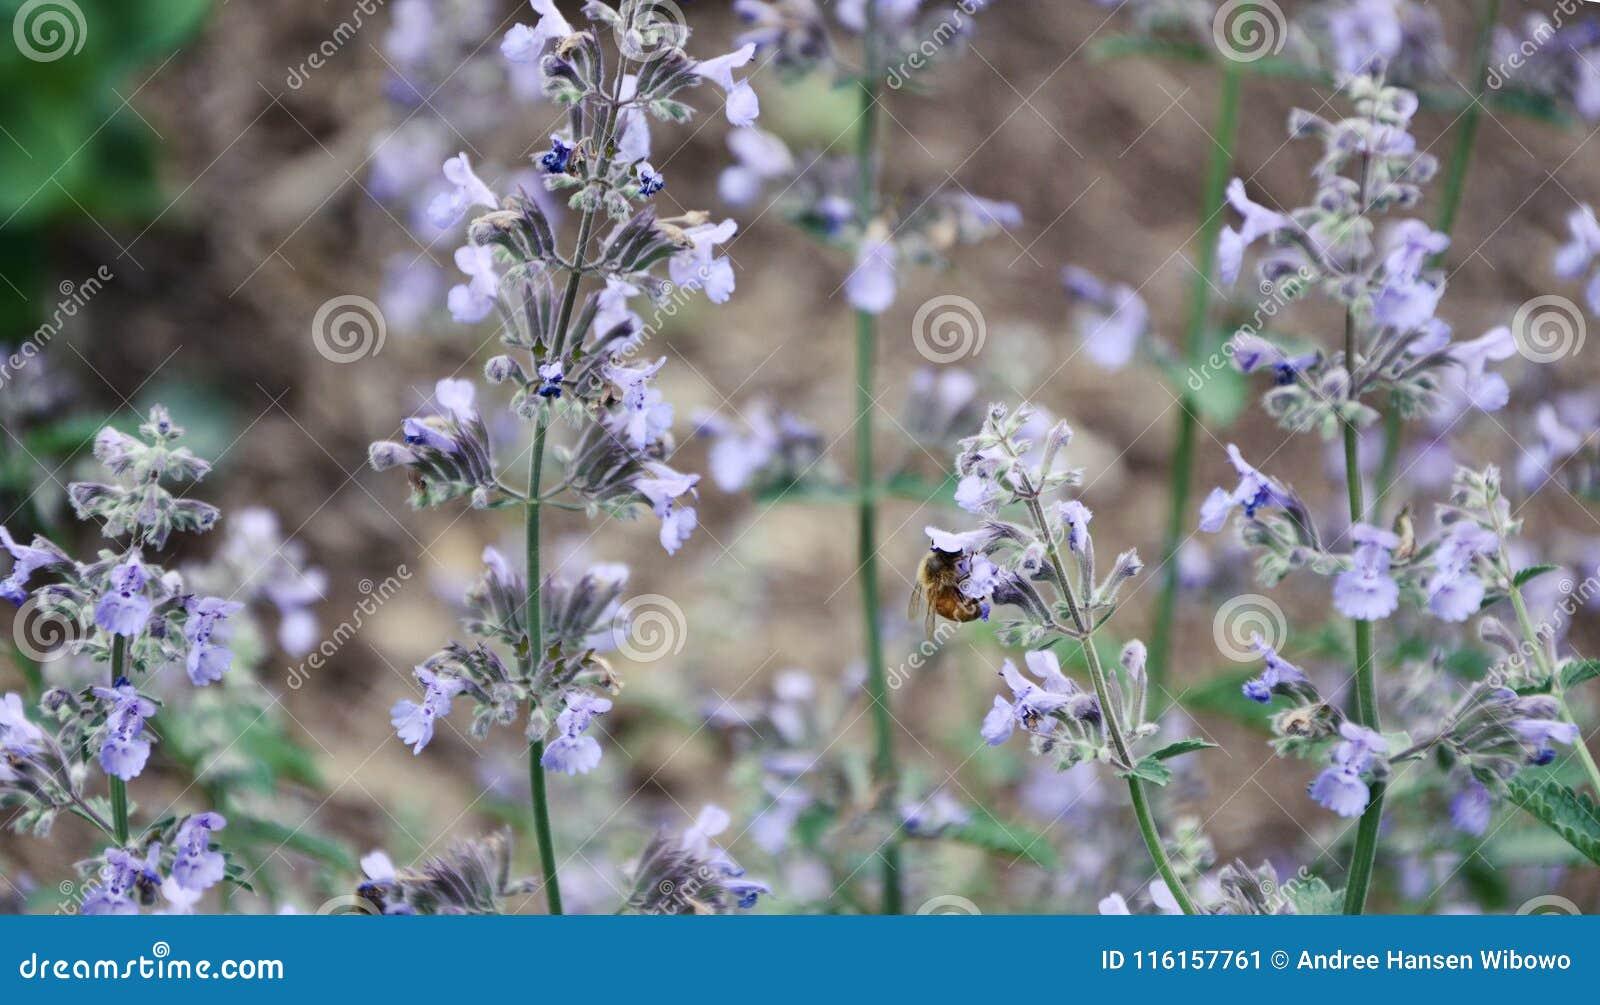 授粉紫色花的一只唯一蜂